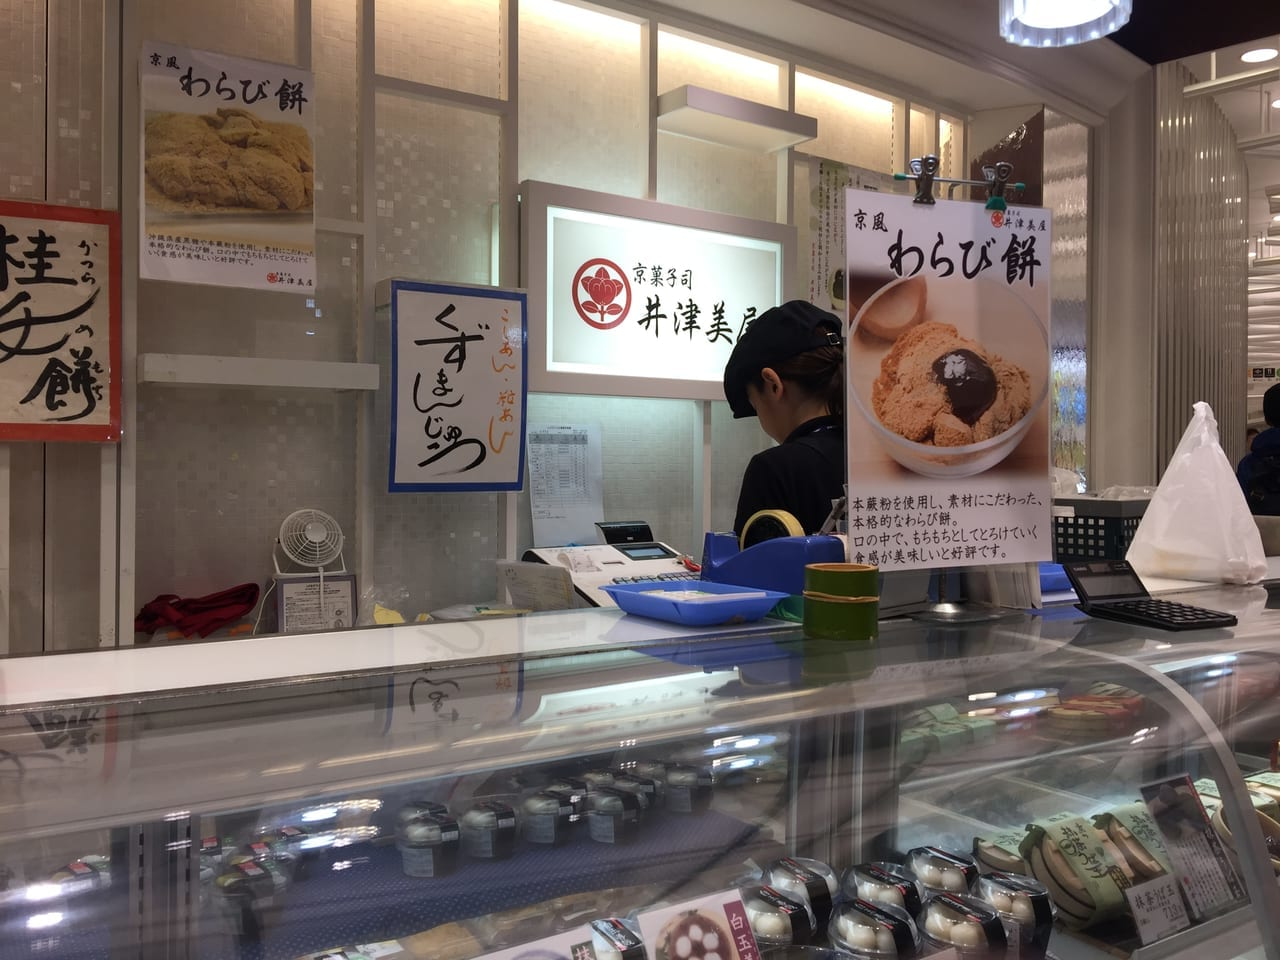 井津美屋わらび餅